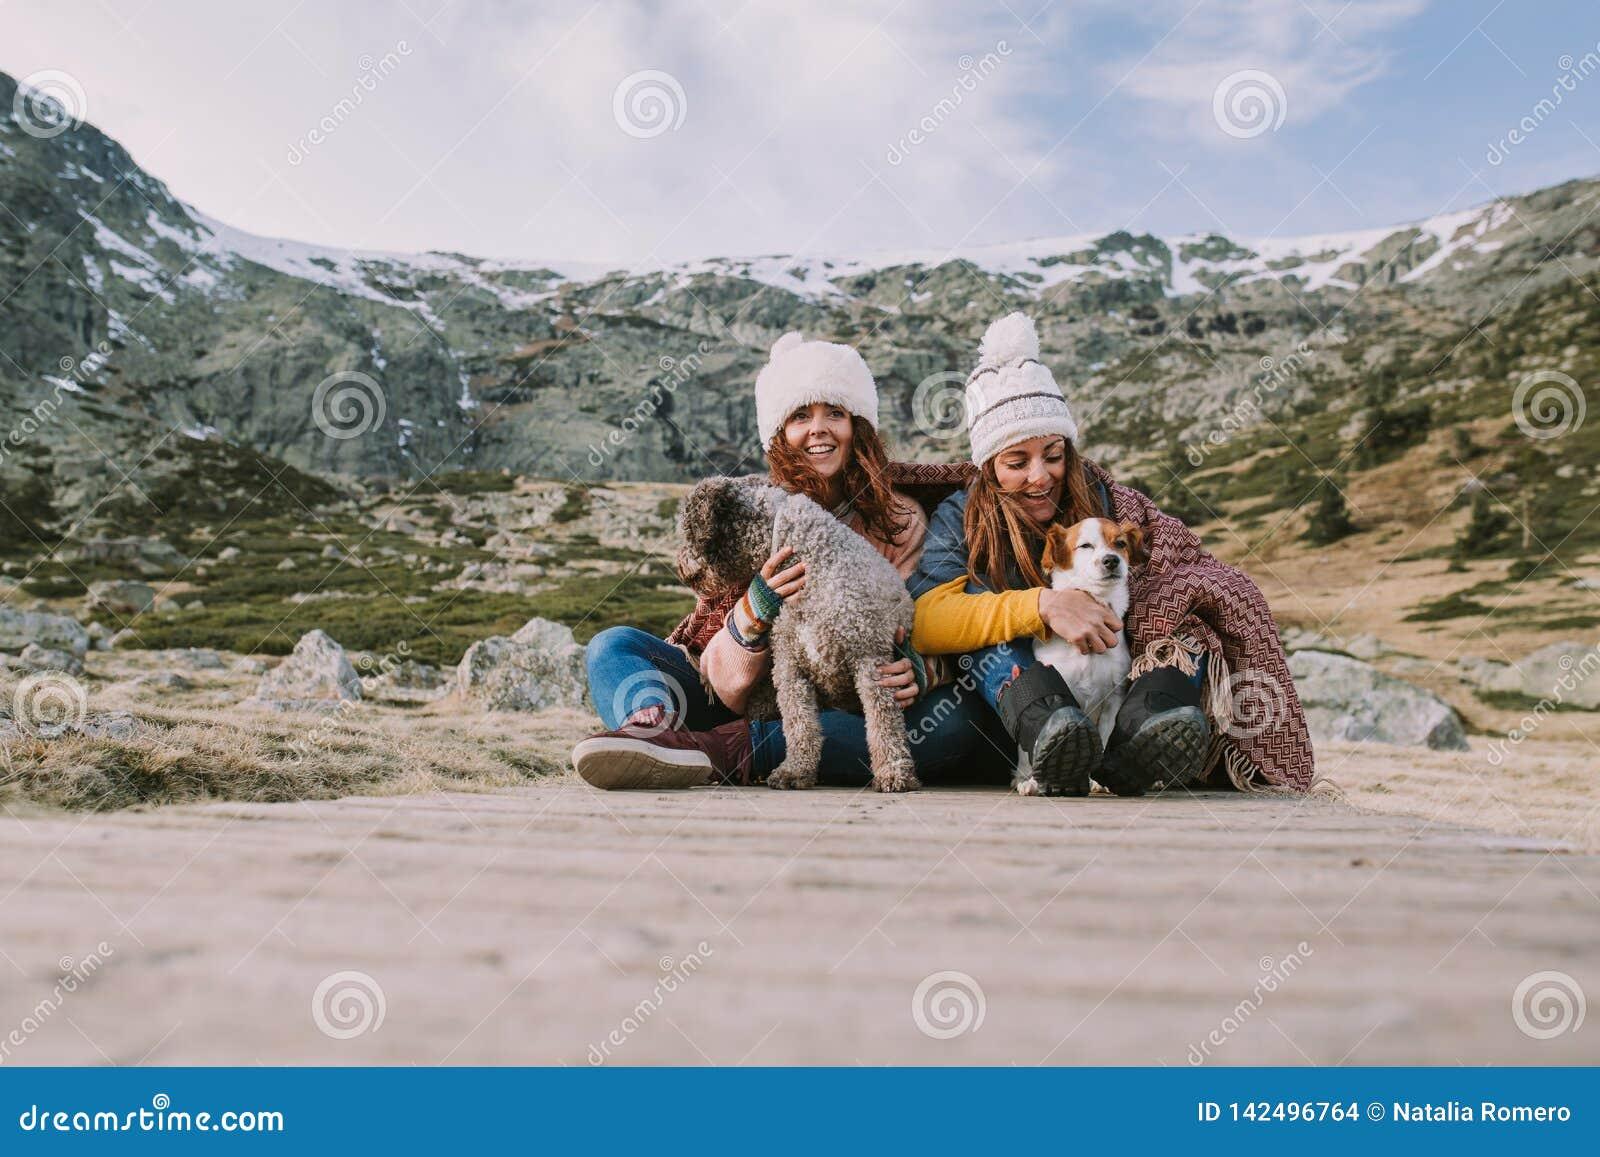 Dwa młodej kobiety bawić się z ich psami po środku łąki